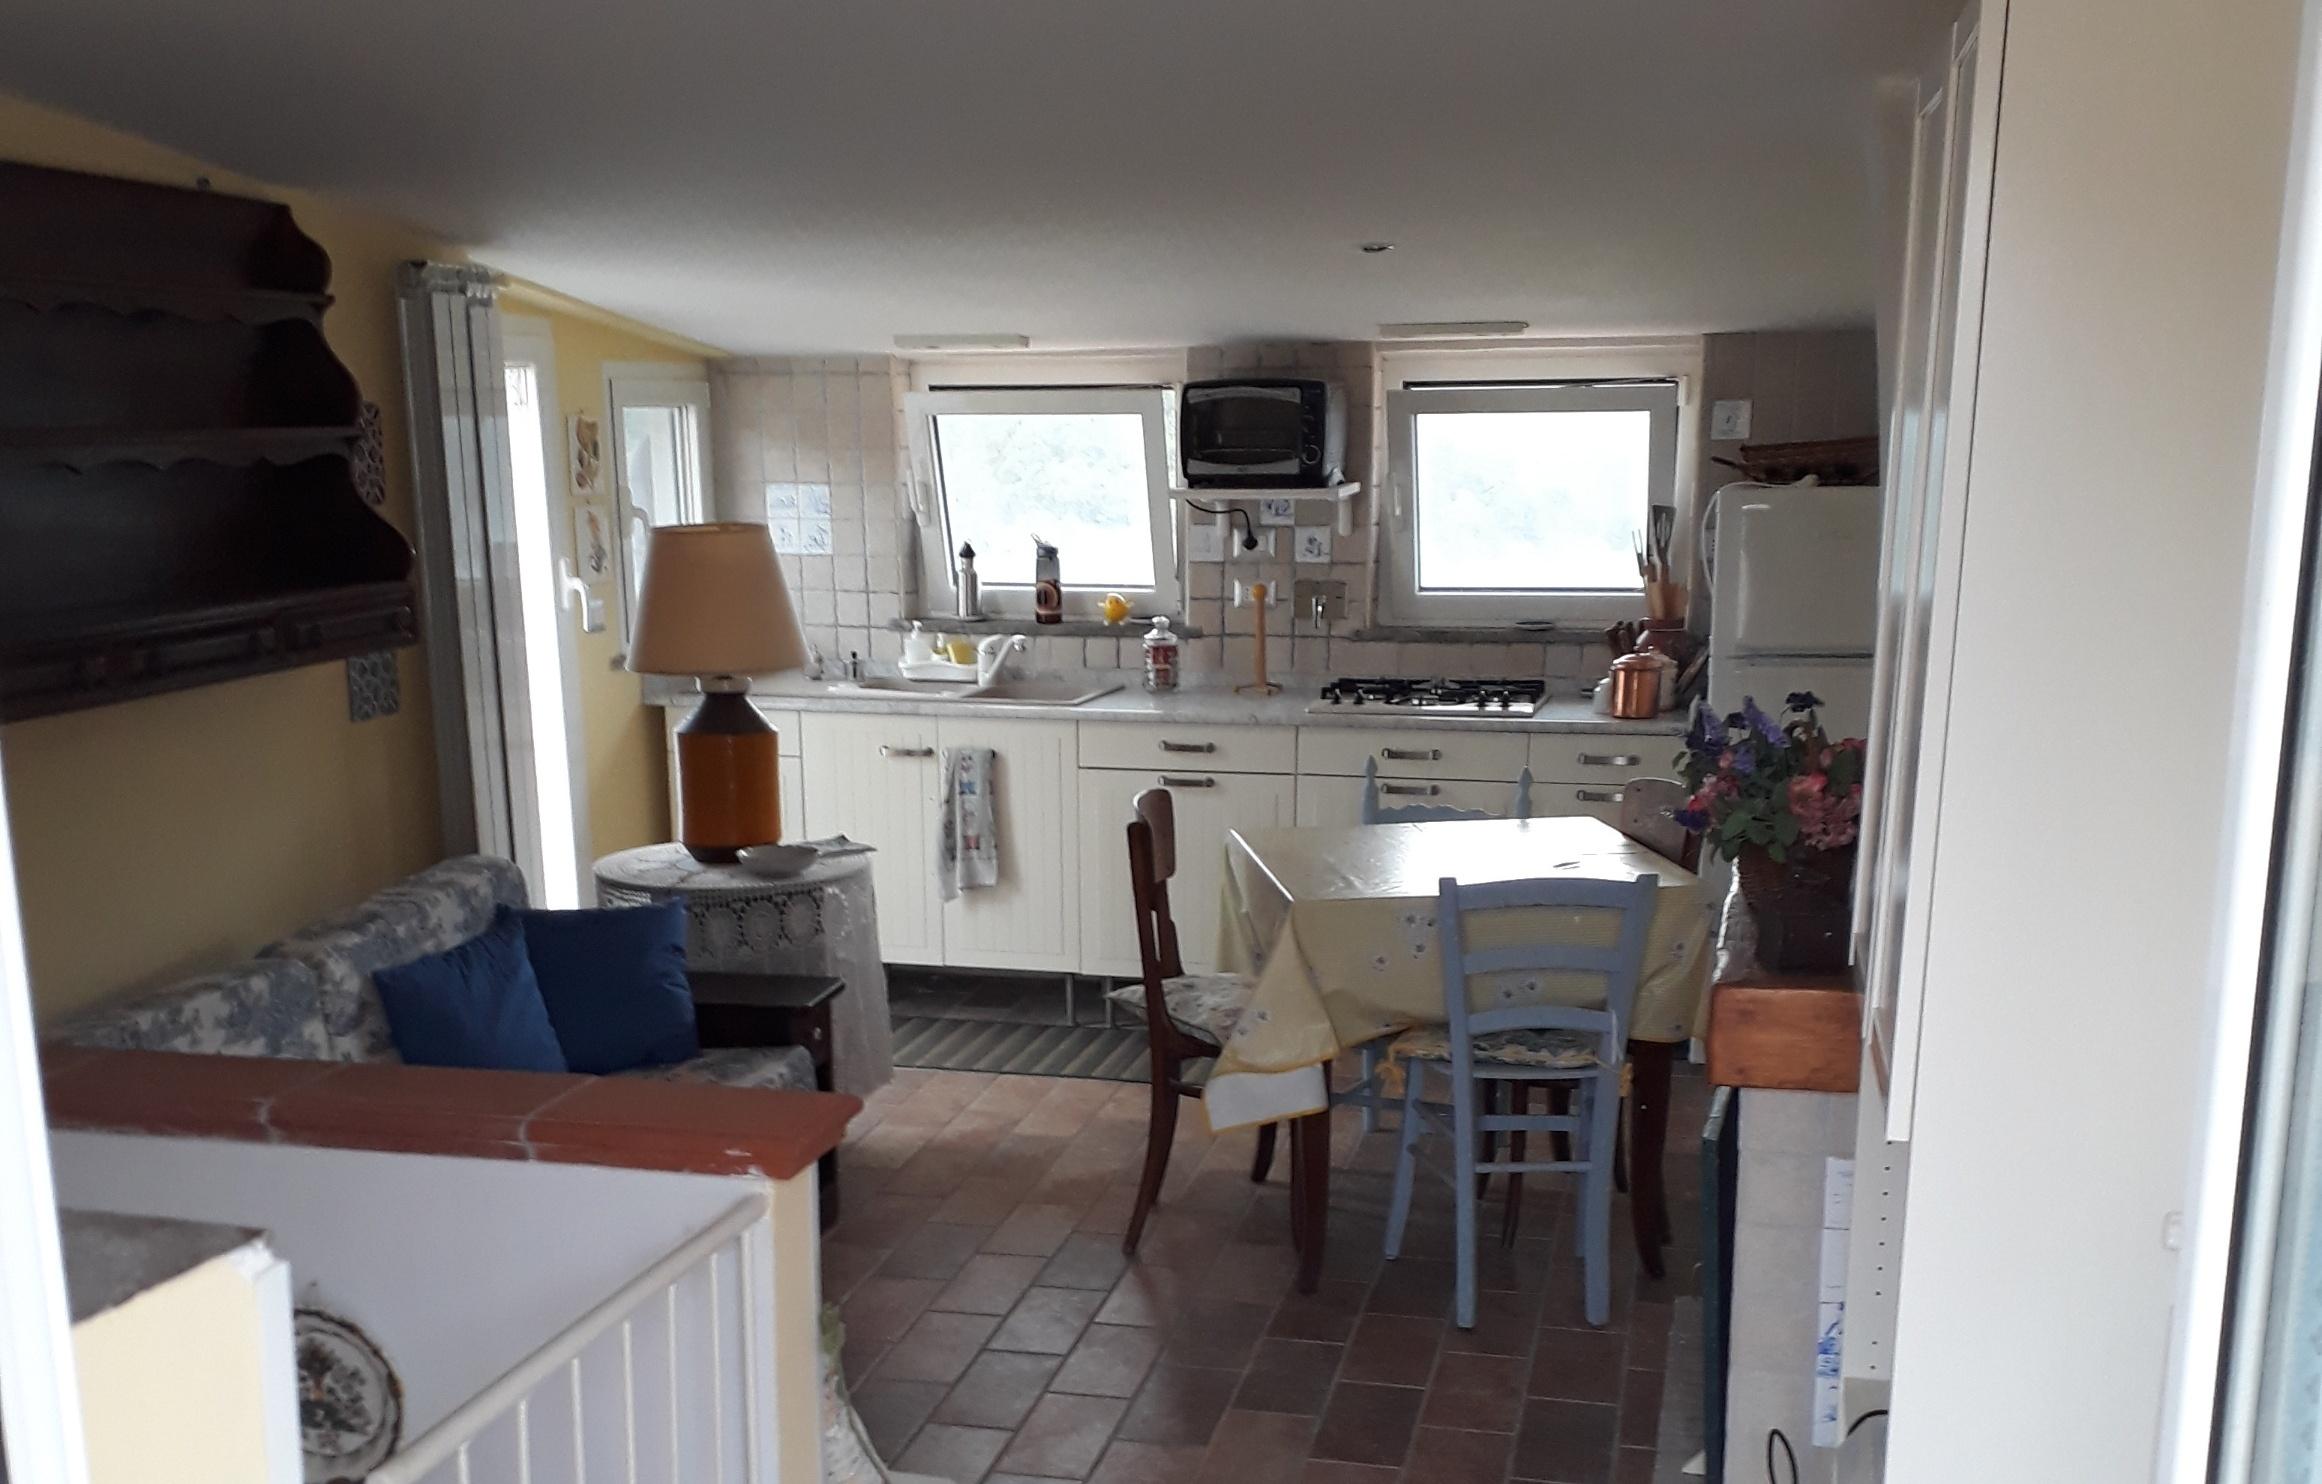 Jenne casa on line: in vendita appartamento di mq 75 in via del Forno Nuovo